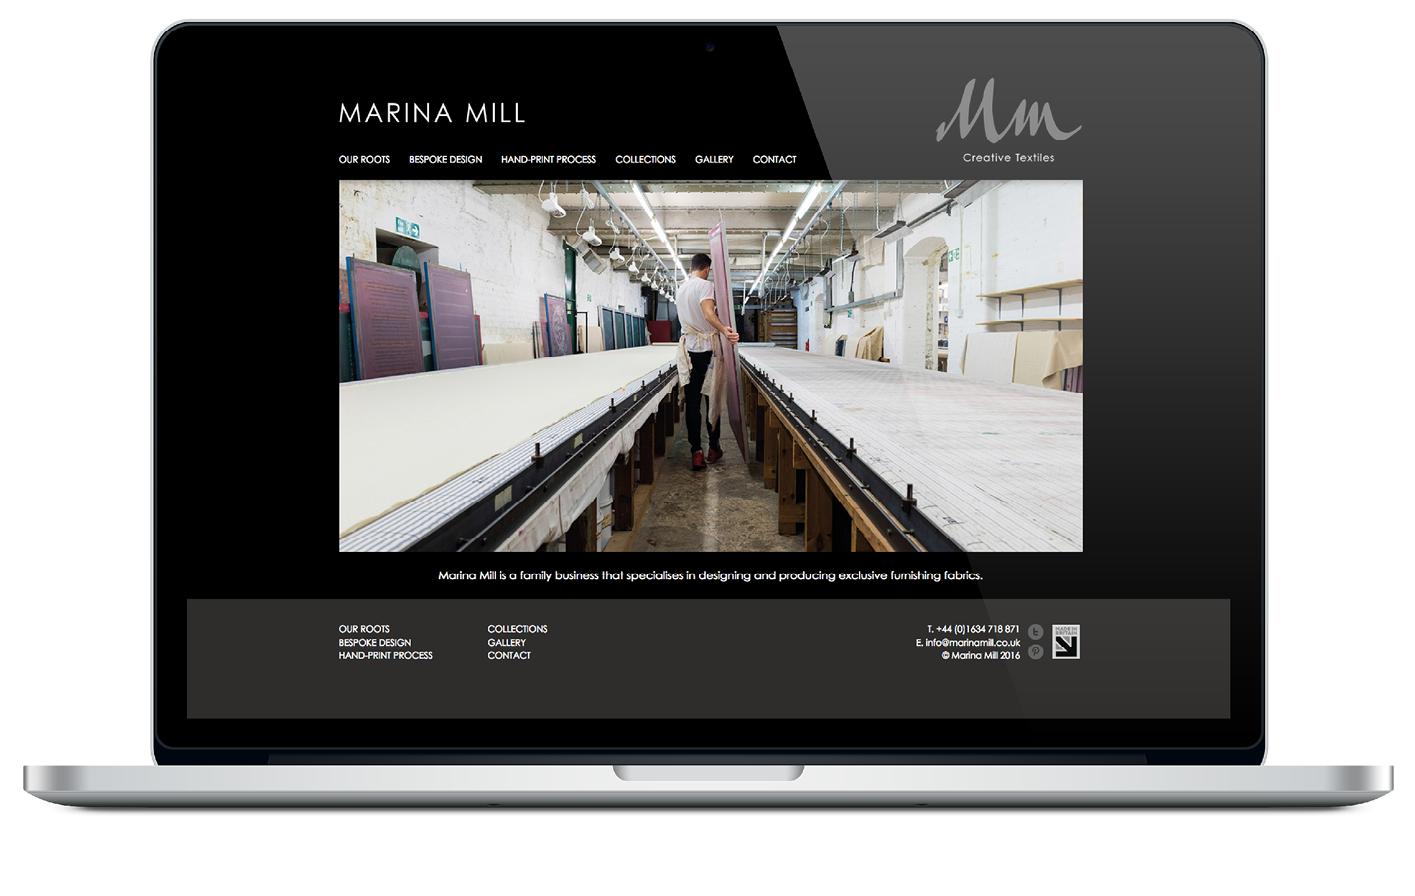 marina mill